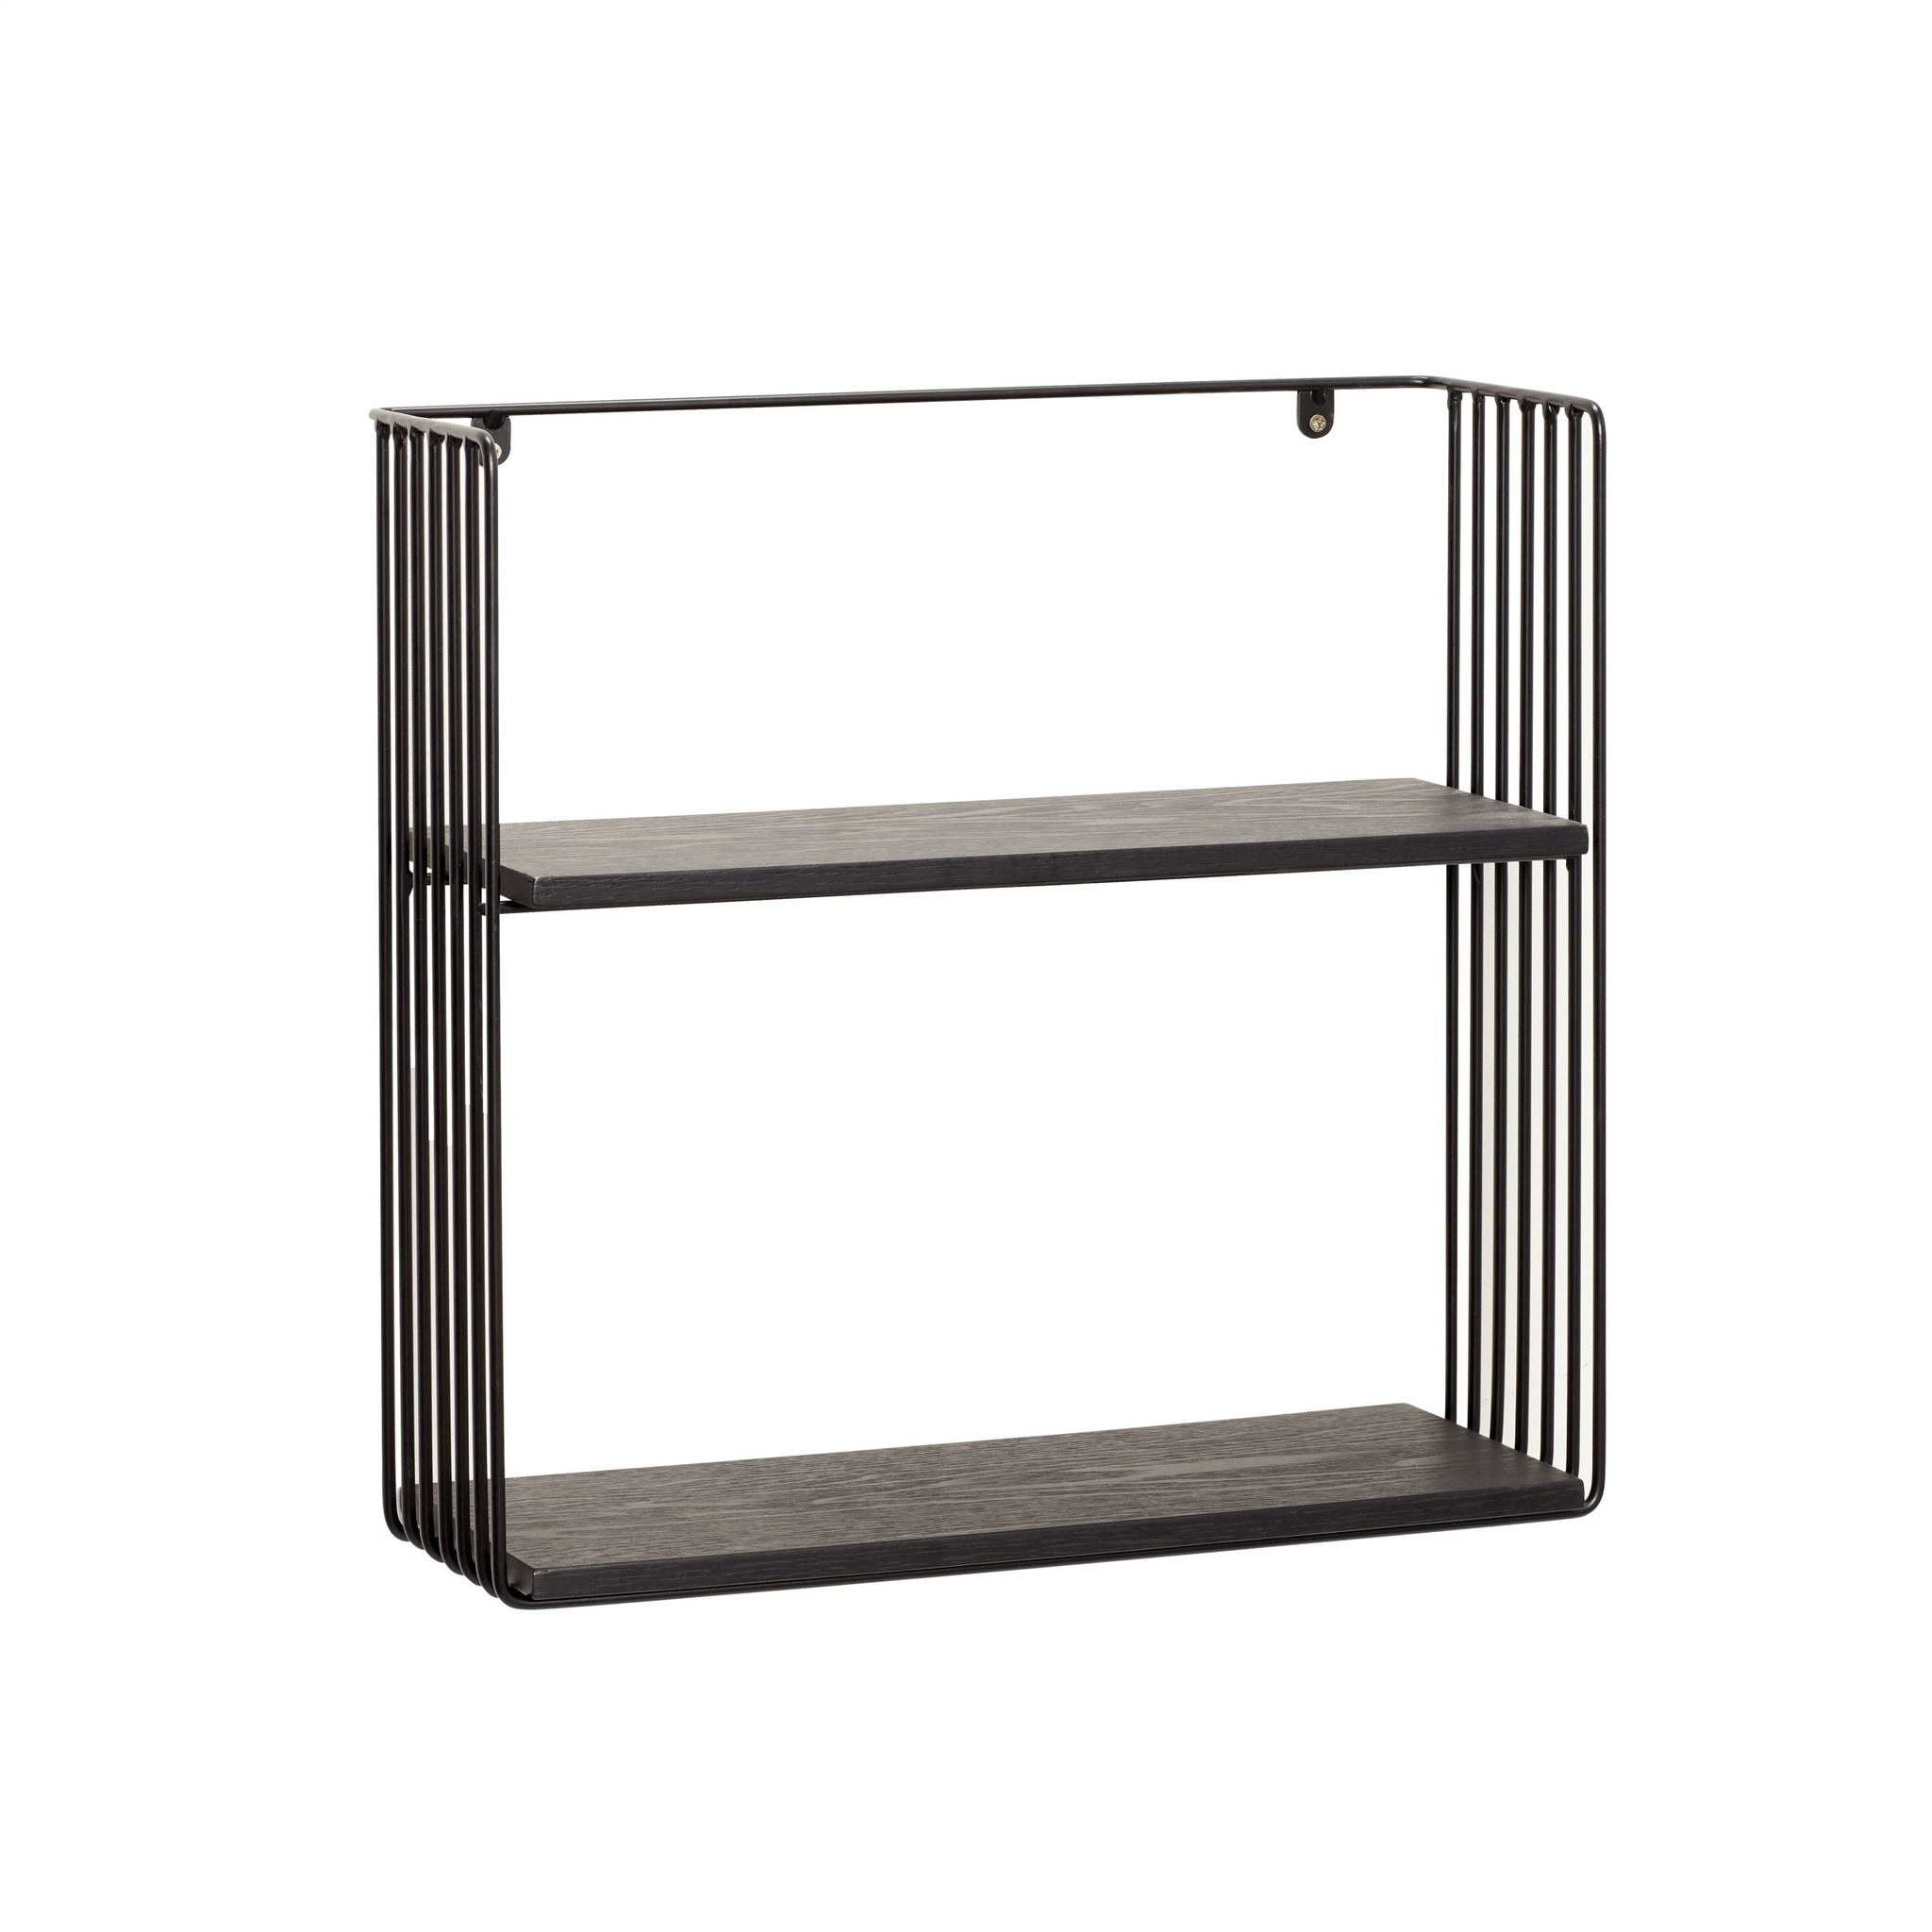 Wall To Wall Shelves hübsch wall shelf metal / wood - black